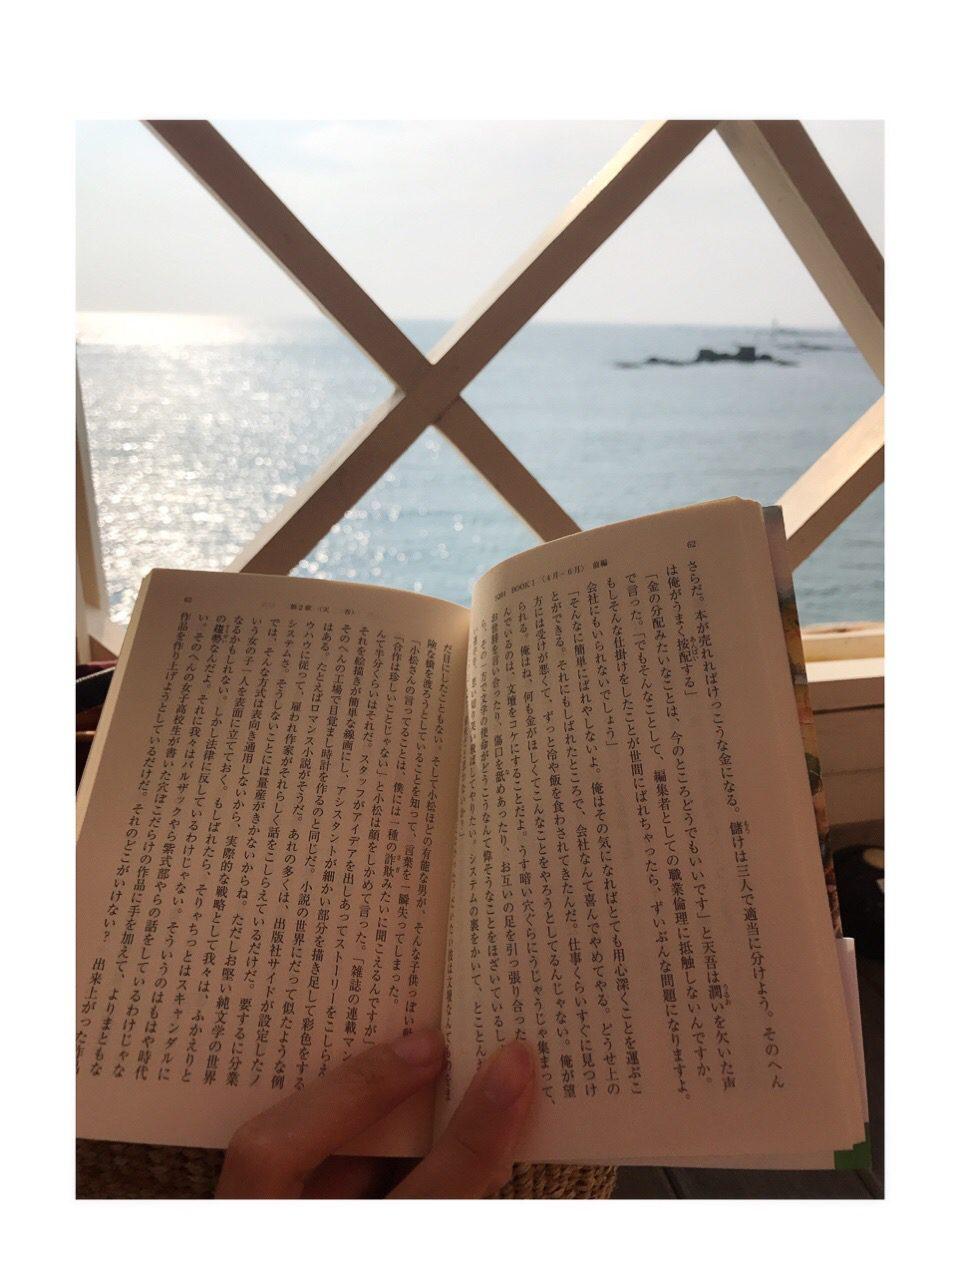 気持ちのいい日は、海辺で読書しよう。